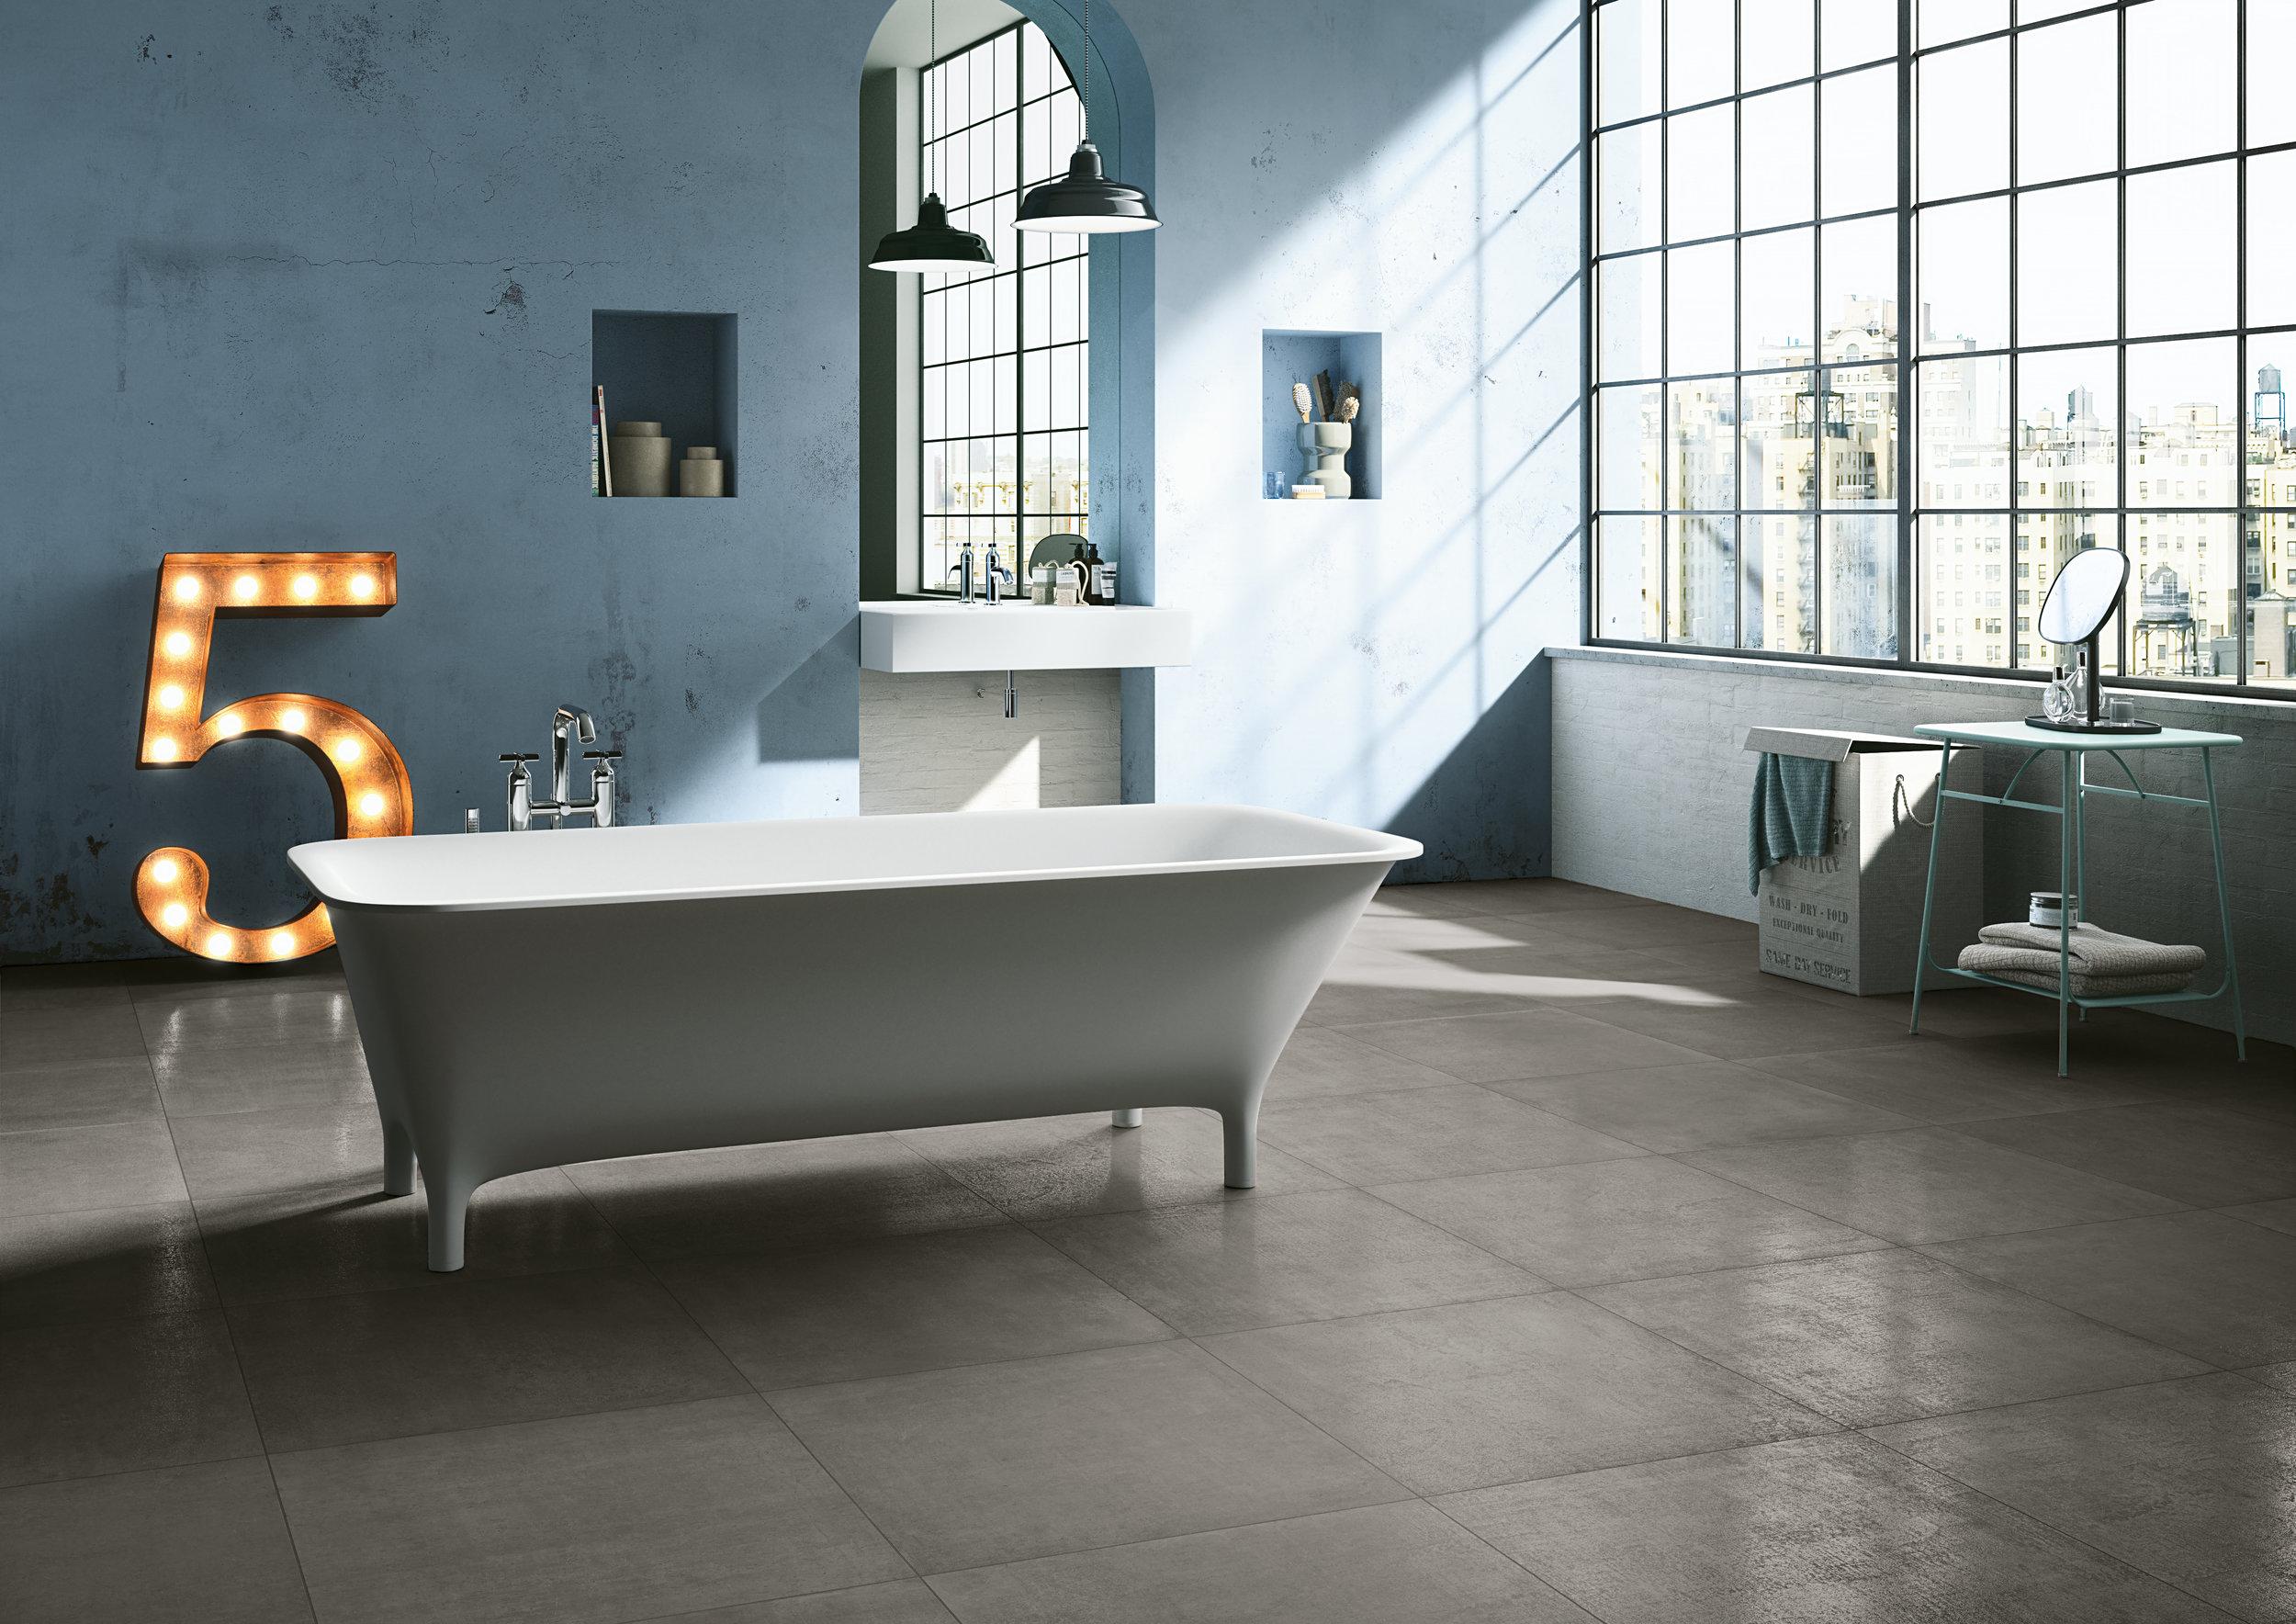 BLU-concretejungle-pub49-honed-10mm-bathroom-001.jpg